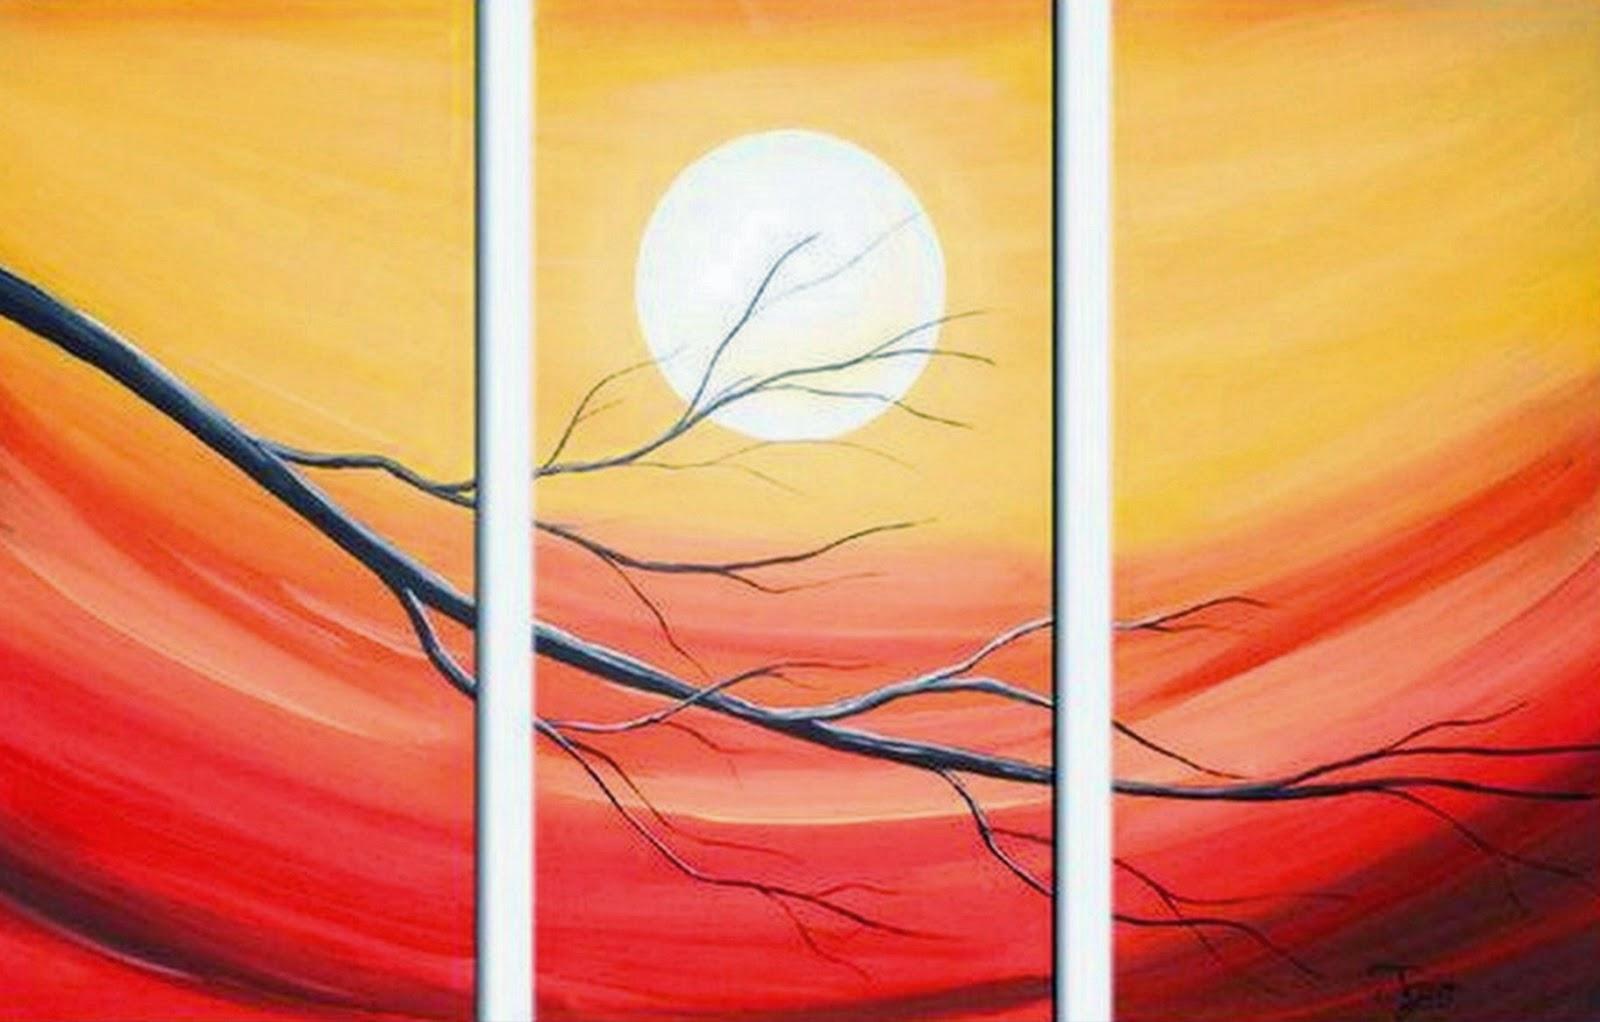 cuadros modernos pinturas y dibujos 02 17 15